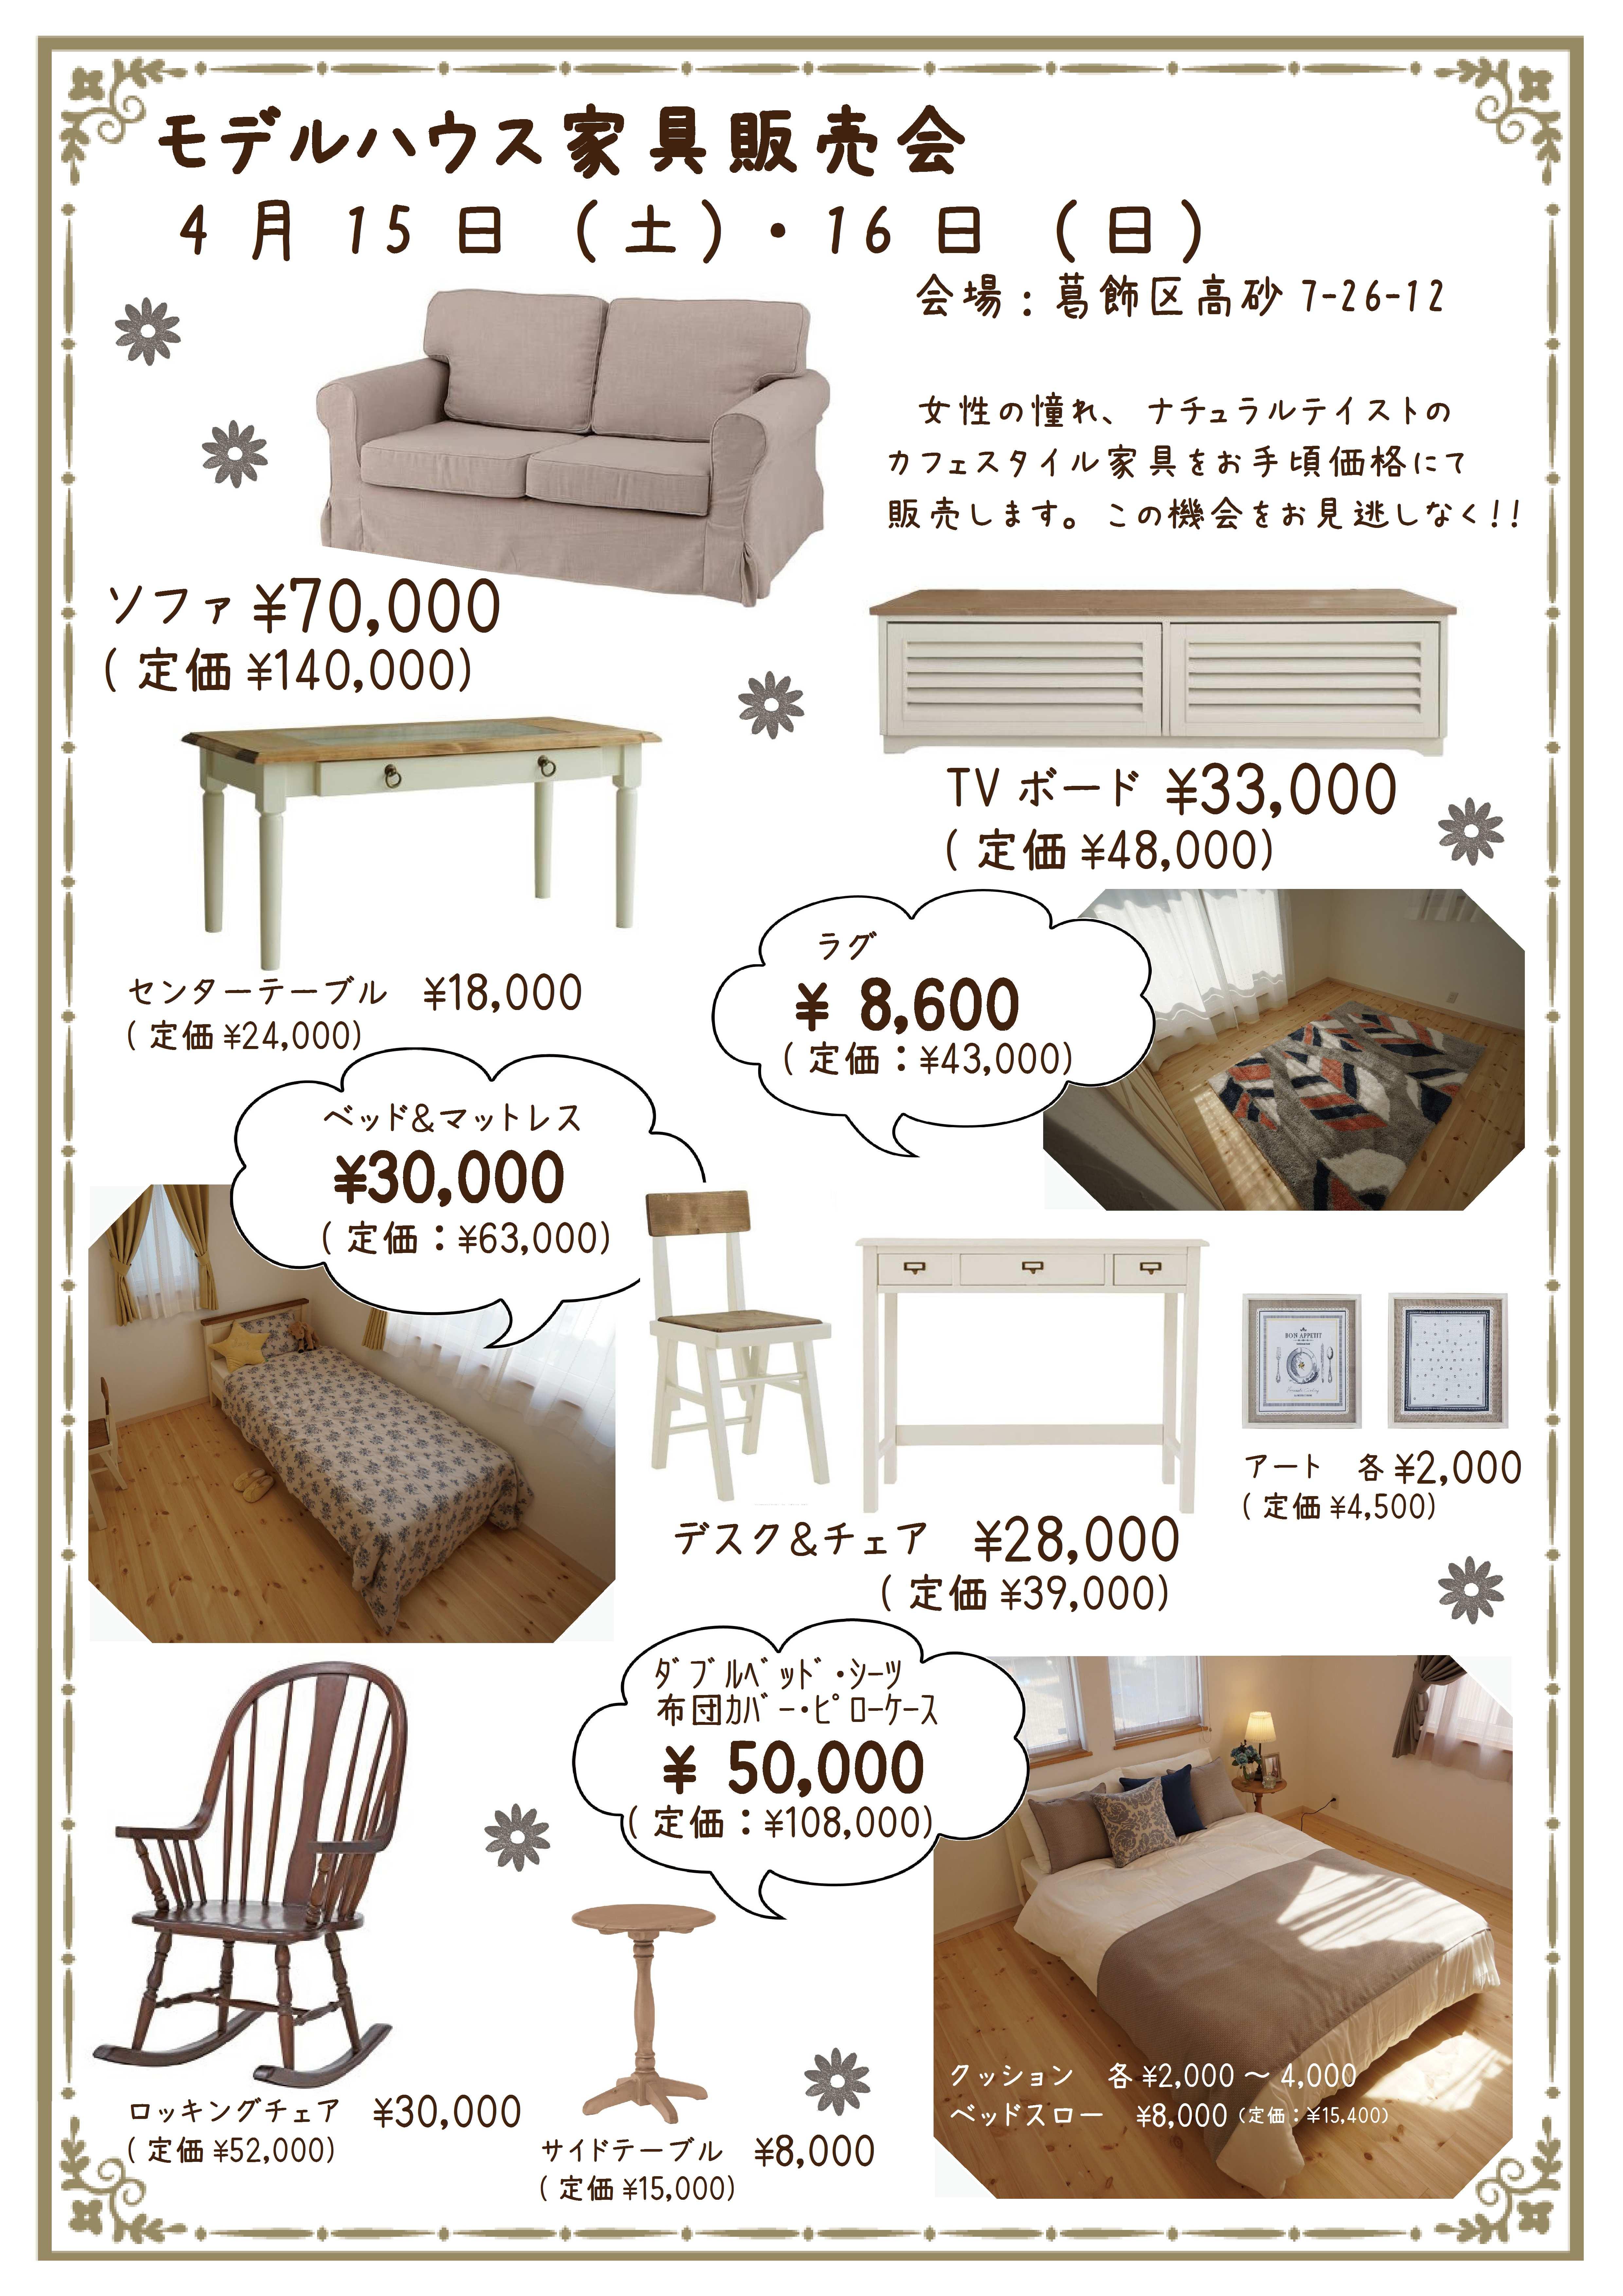 カリーナ家具チラシ(松尾)